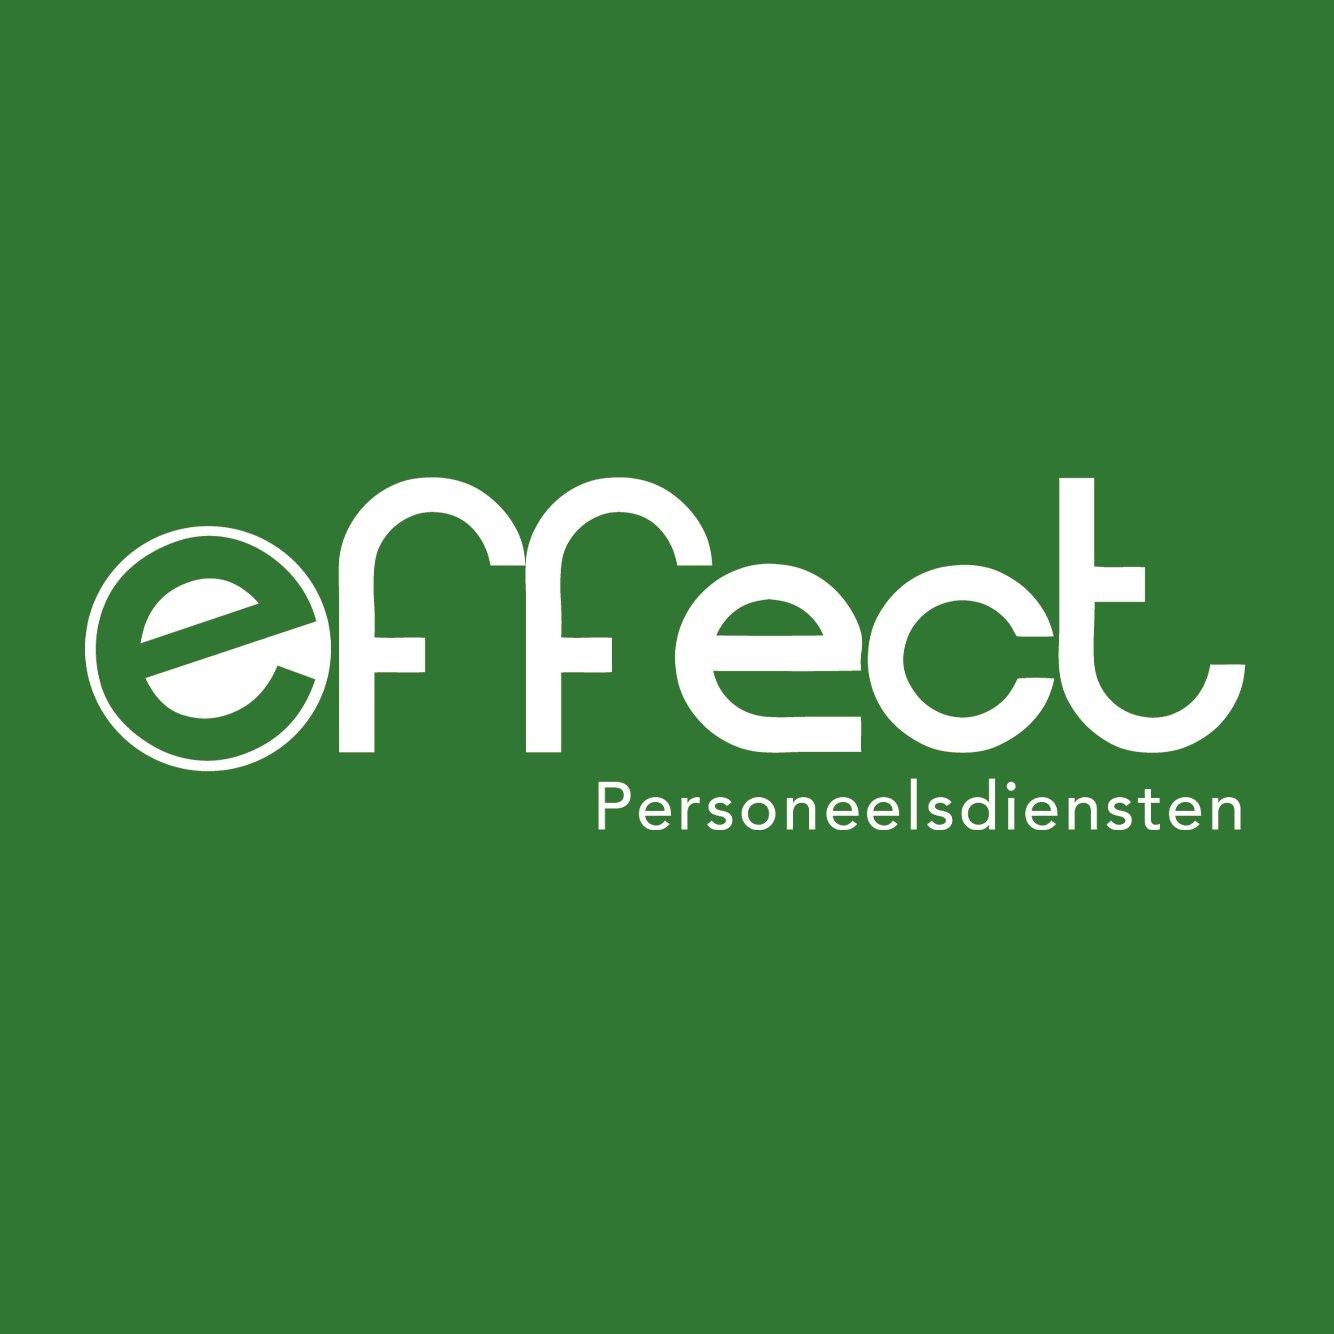 Effect Personeelsdiensten: Projectmonteur Beveiliging